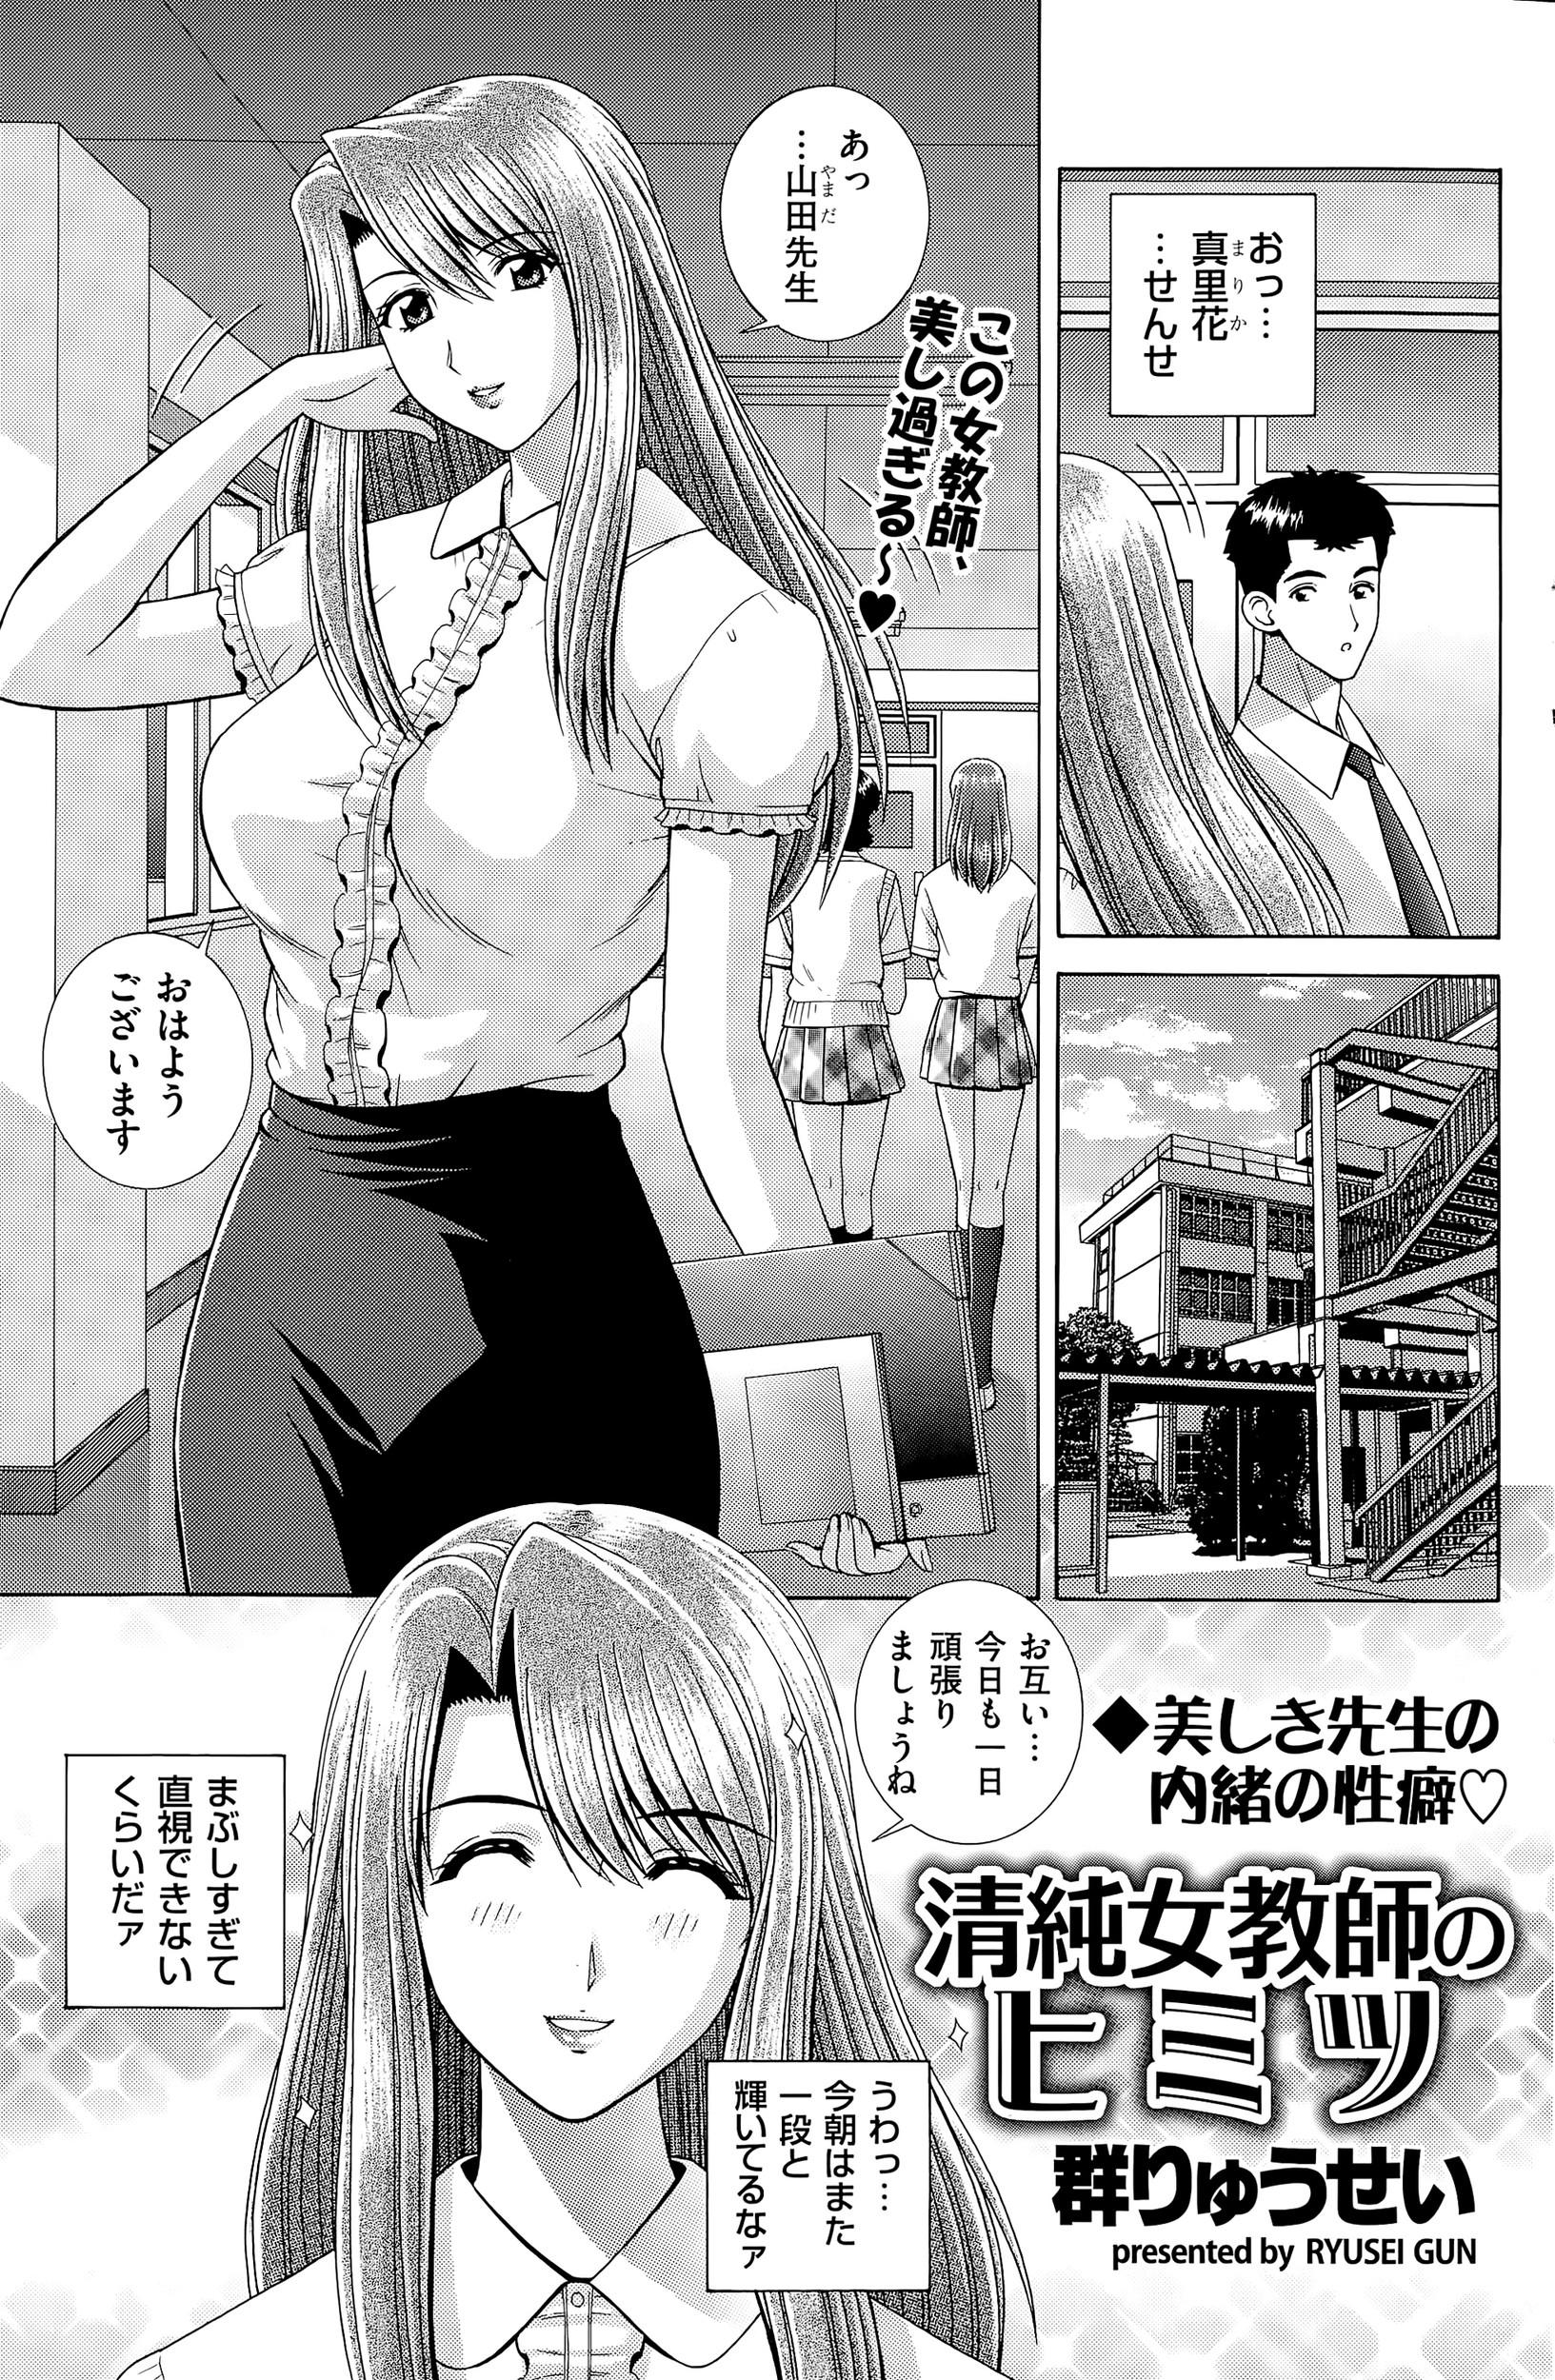 【エロ漫画・エロ同人】綺麗な巨乳教師が放課後角オナニーしてるの見ちゃったから告ってみたwww